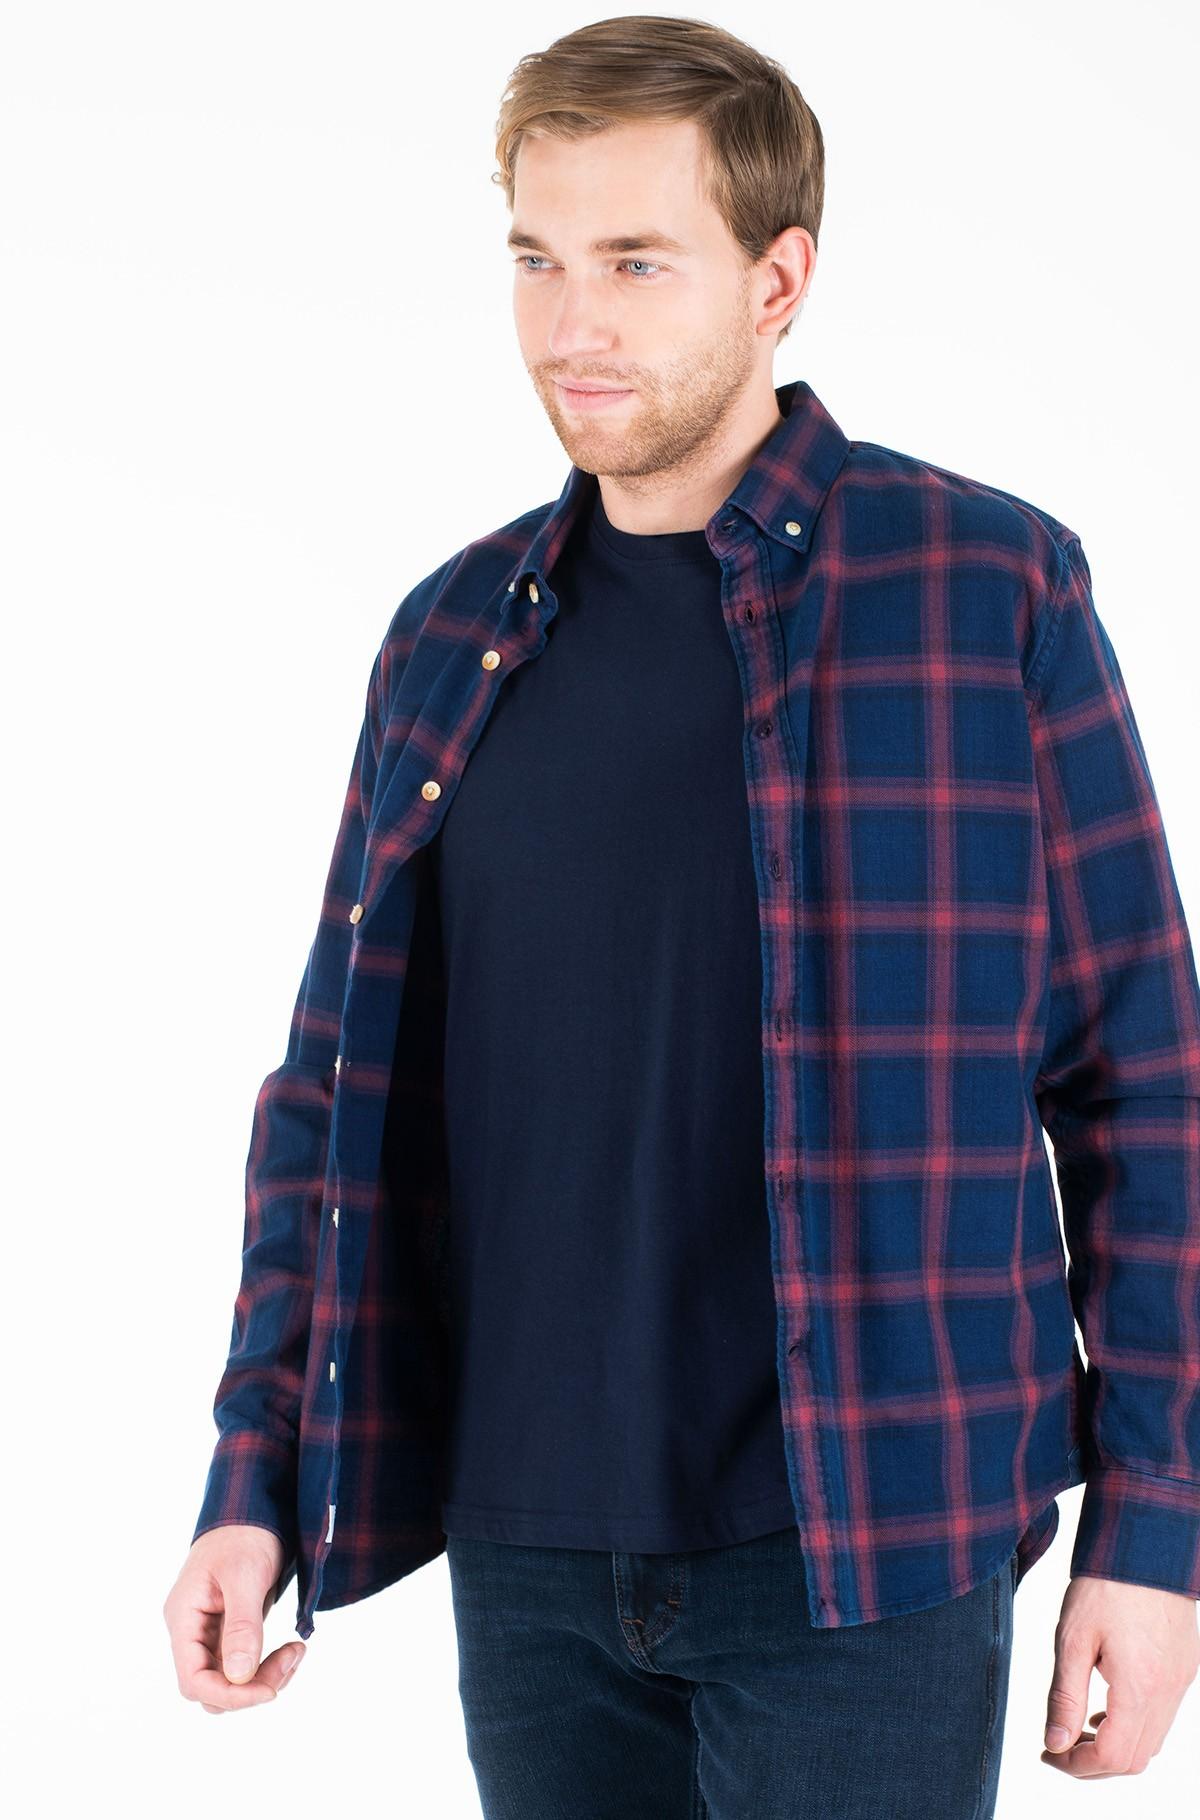 Marškiniai GARETT/PM306085-full-1